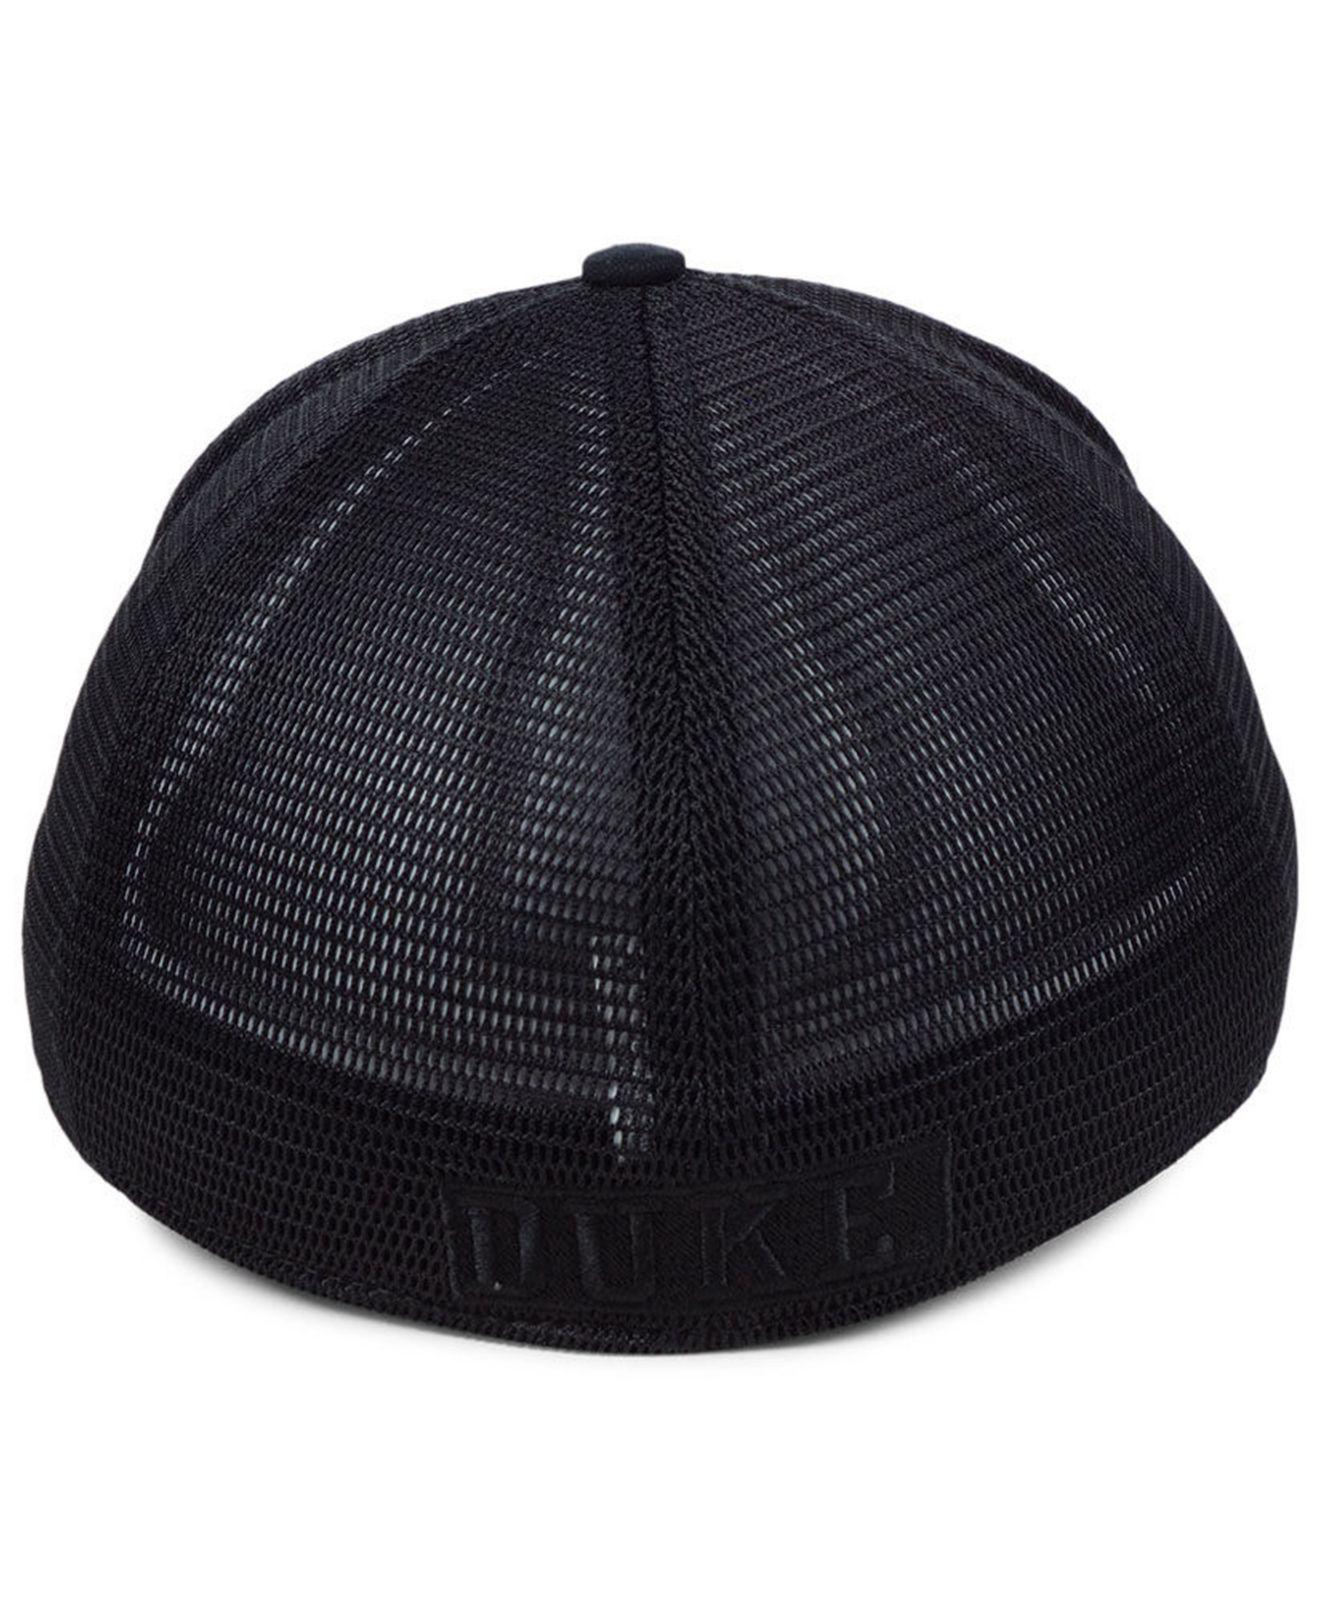 on sale 3faff 2a745 Nike Duke Blue Devils Aerobill Black Swoosh Cap in Black for Men - Lyst